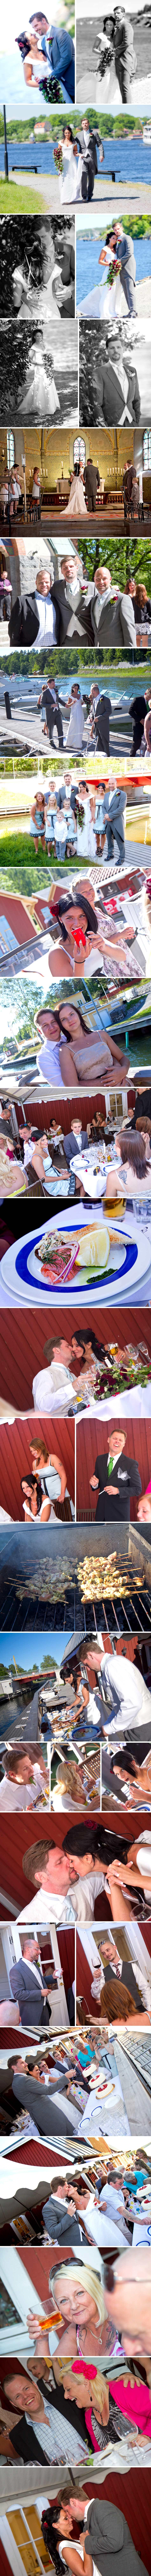 Fest, bröllop, event, Fotograf Mattz birath